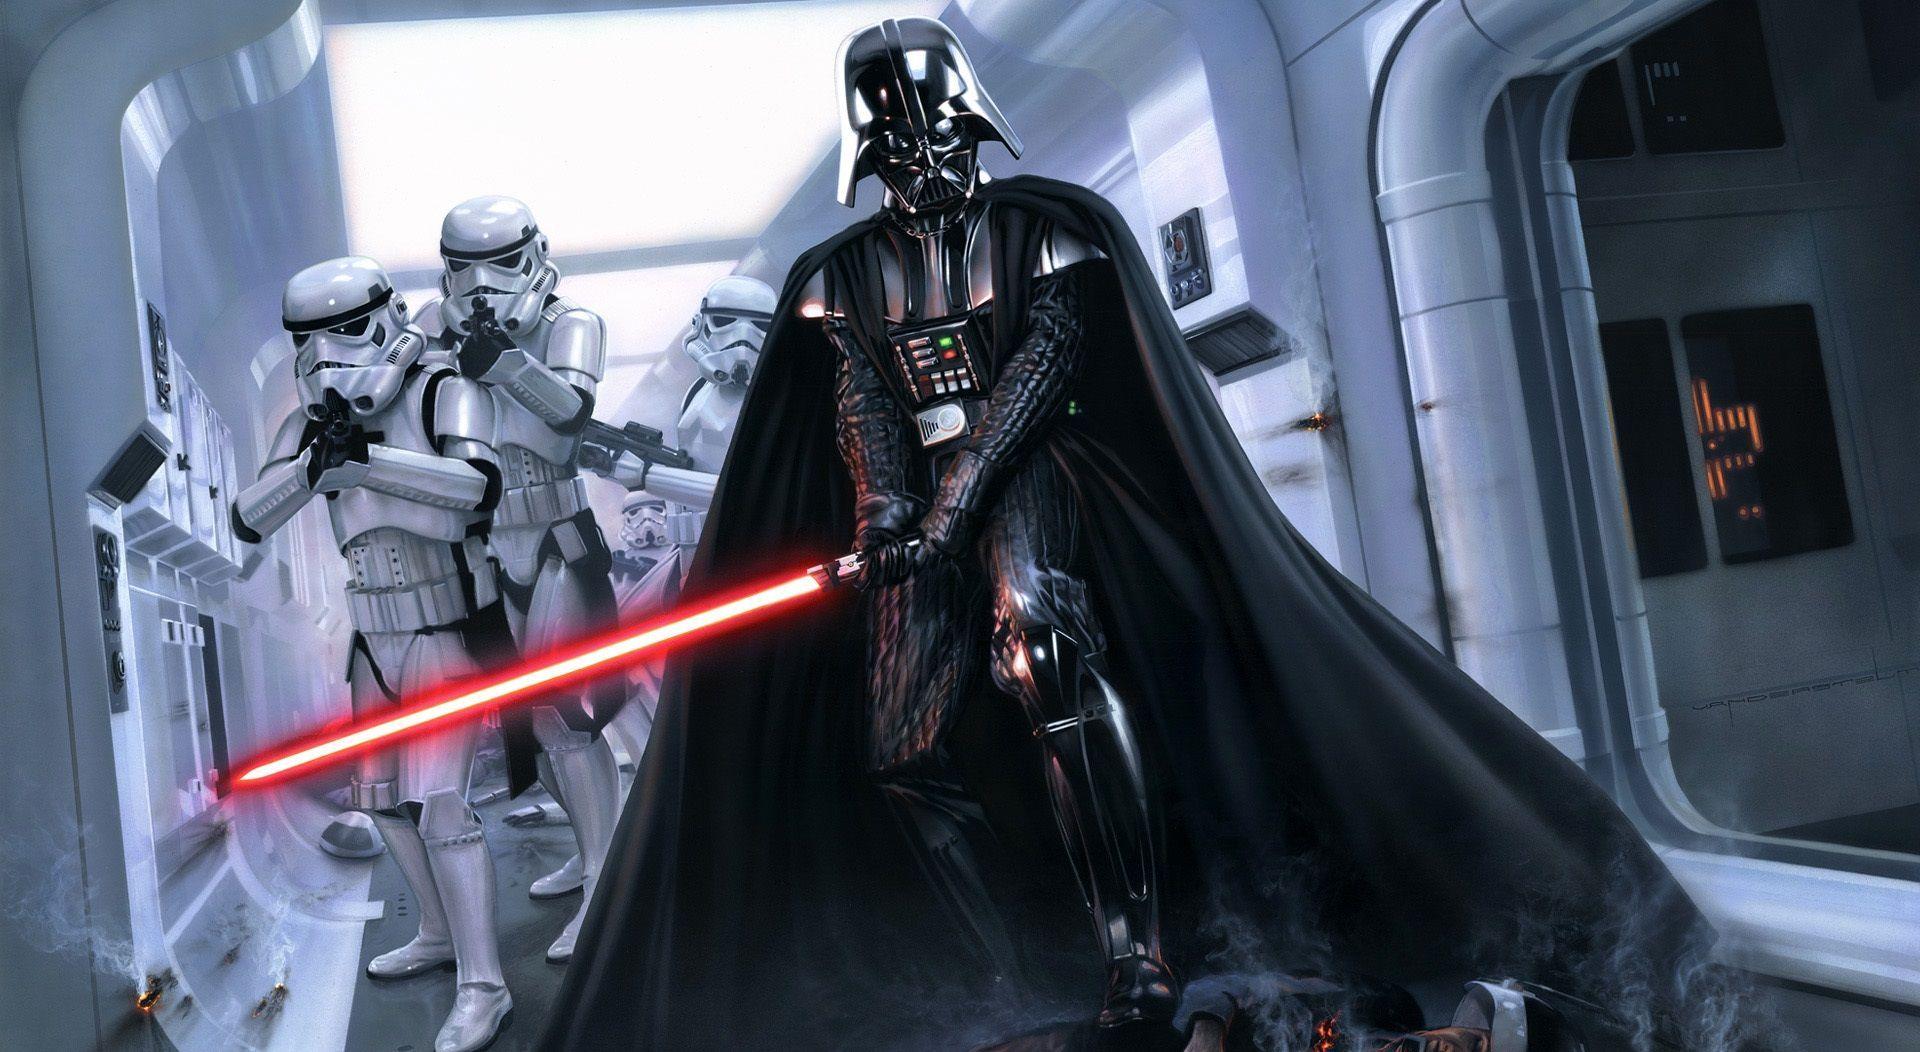 11449 - ¿Cuánto sabes realmente de Darth Vader?